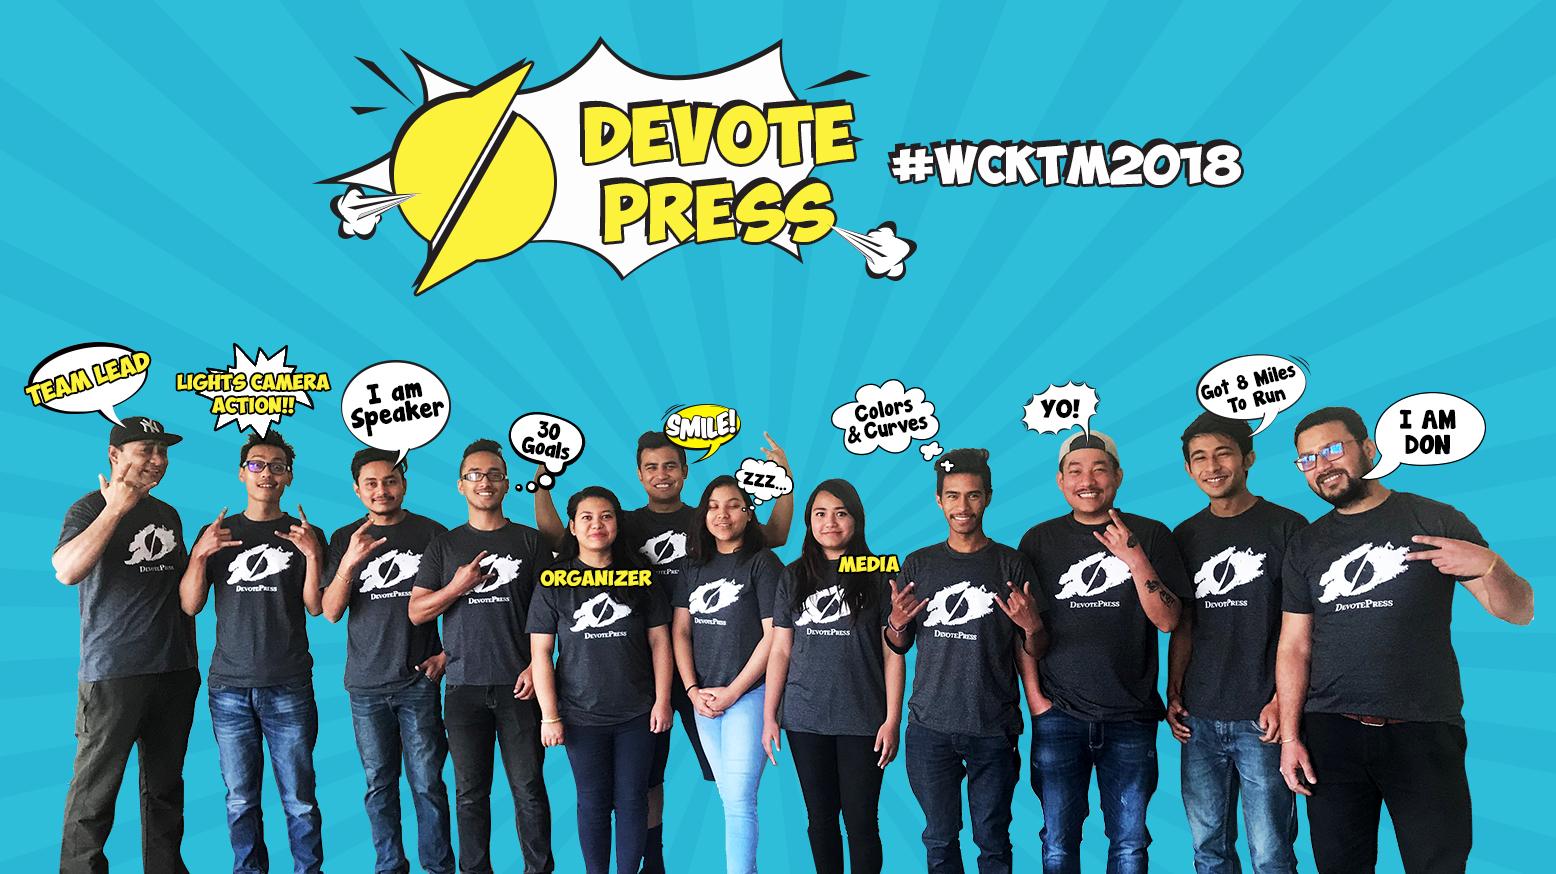 DevotePress at WordCamp Kathmandu 2018